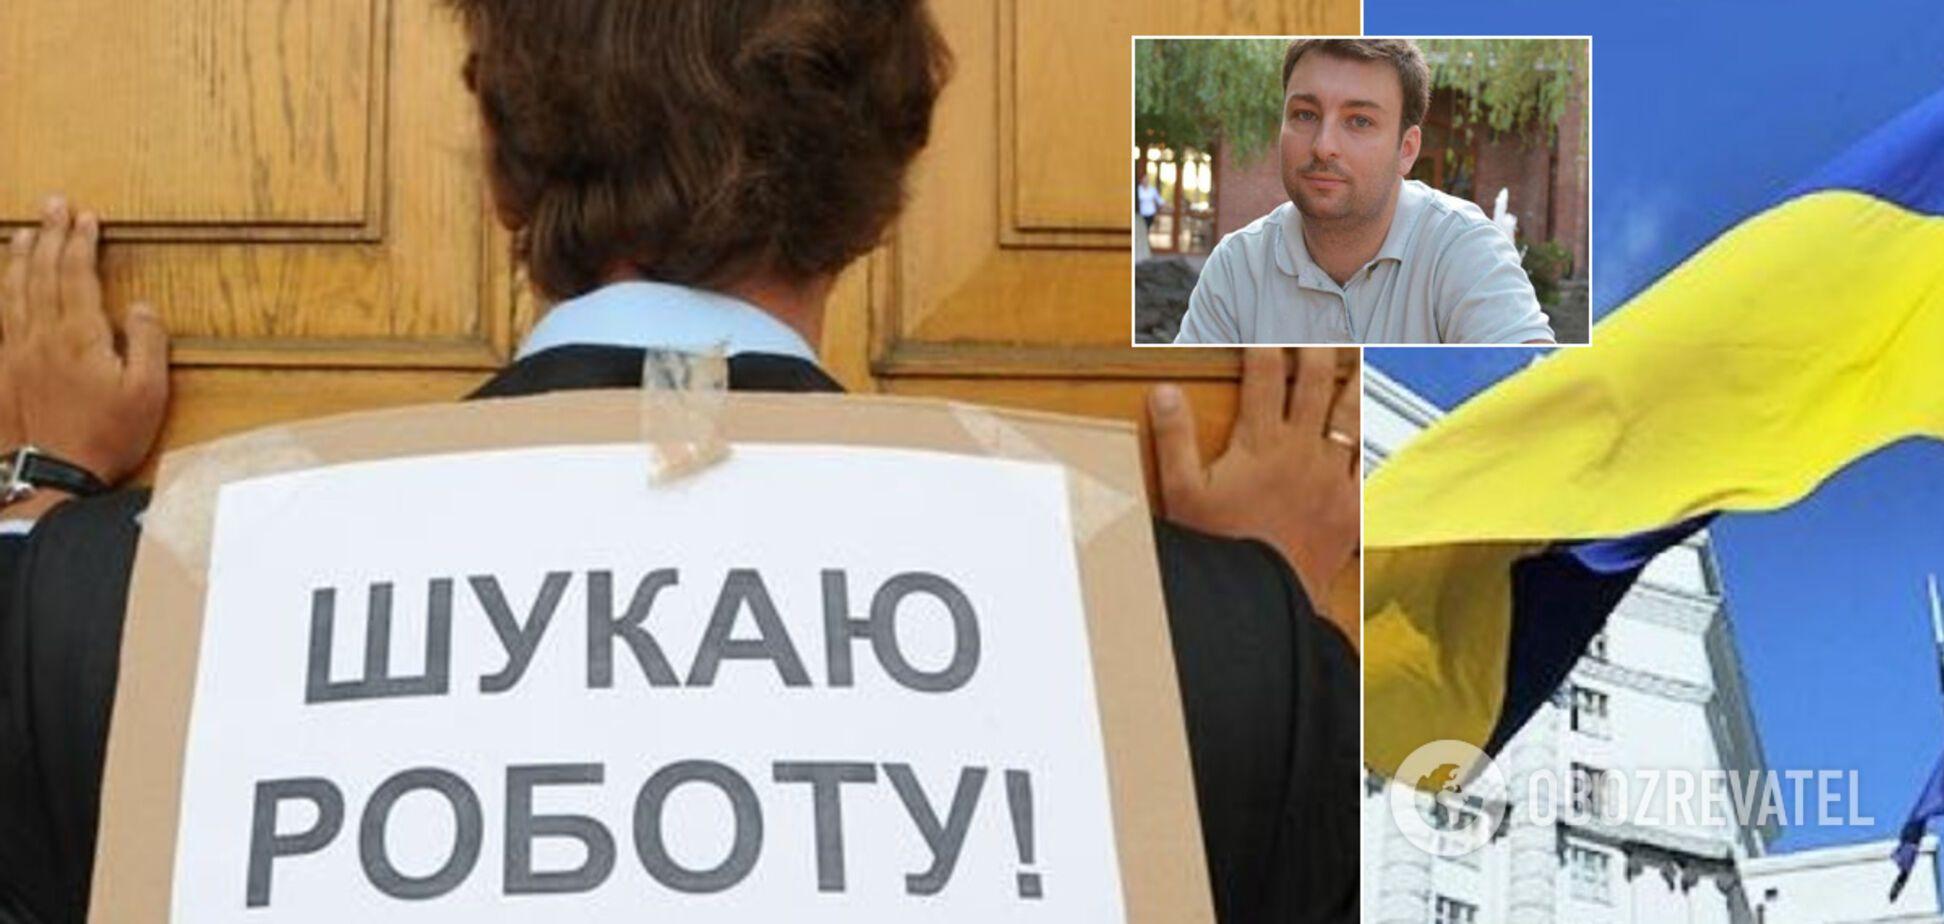 Власть показала абсолютную некомпетентность во время карантина, обнищавших украинцев бросили на улице. Честное интервью с блогером Алексеем Давиденко